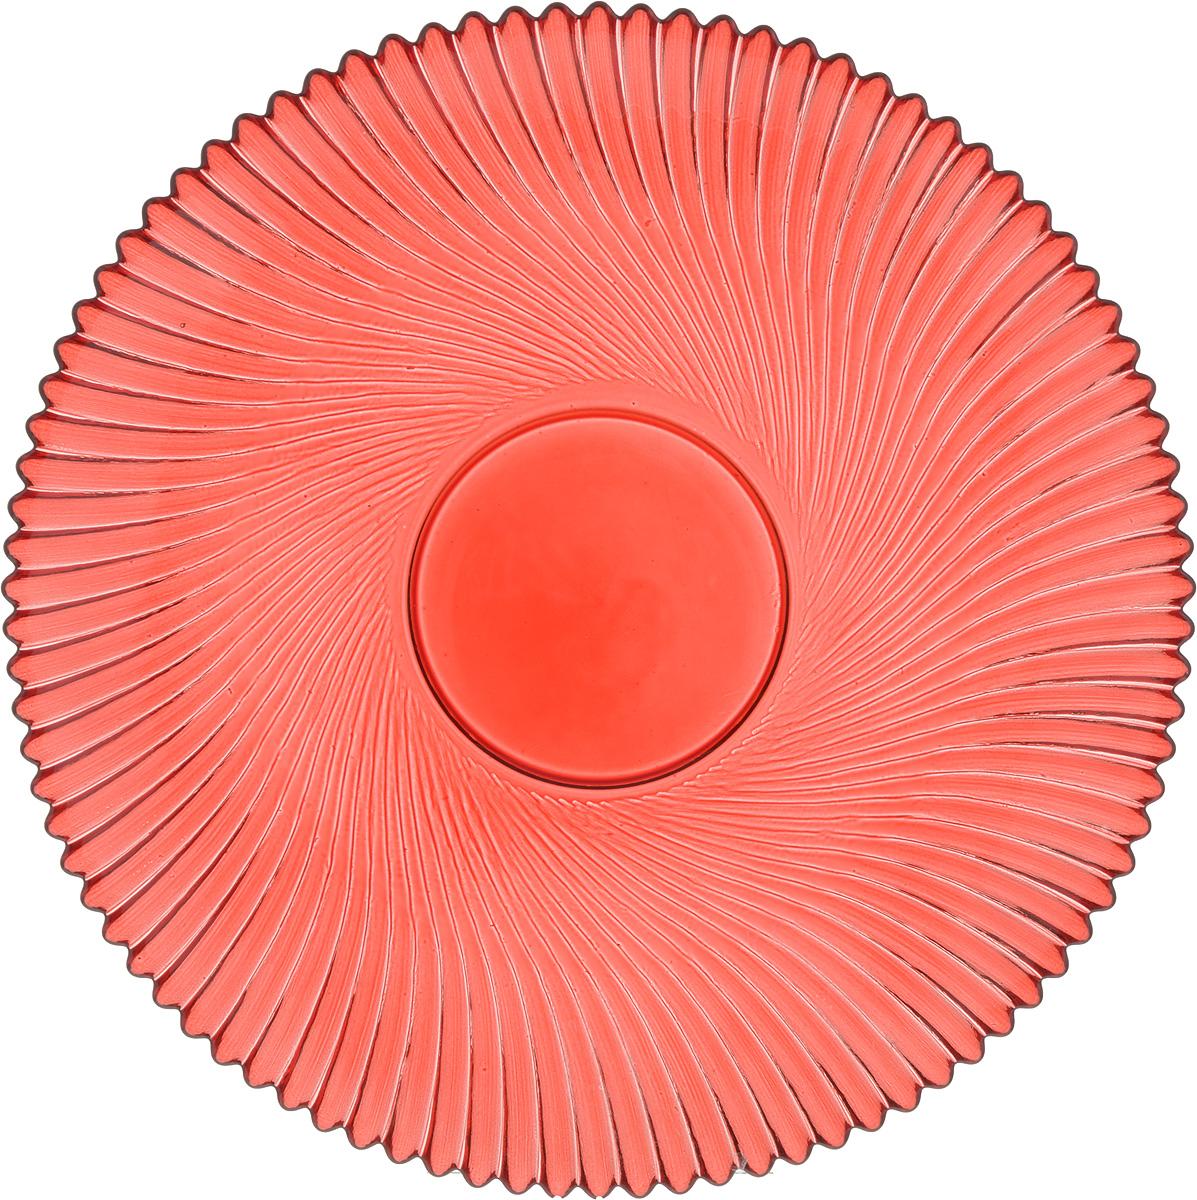 Тарелка NiNaGlass Альтера, цвет: рубиновый, диаметр 21 см83-066-ф210 РУБТарелка NiNaGlass Альтера выполнена из высококачественного стекла и оформлена красивым рельефным узором. Тарелка идеальна для подачи вторых блюд, а также сервировки закусок, нарезок, десертов и многого другого. Она отлично подойдет как для повседневных, так и для торжественных случаев. Такая тарелка прекрасно впишется в интерьер вашей кухни и станет достойным дополнением к кухонному инвентарю.